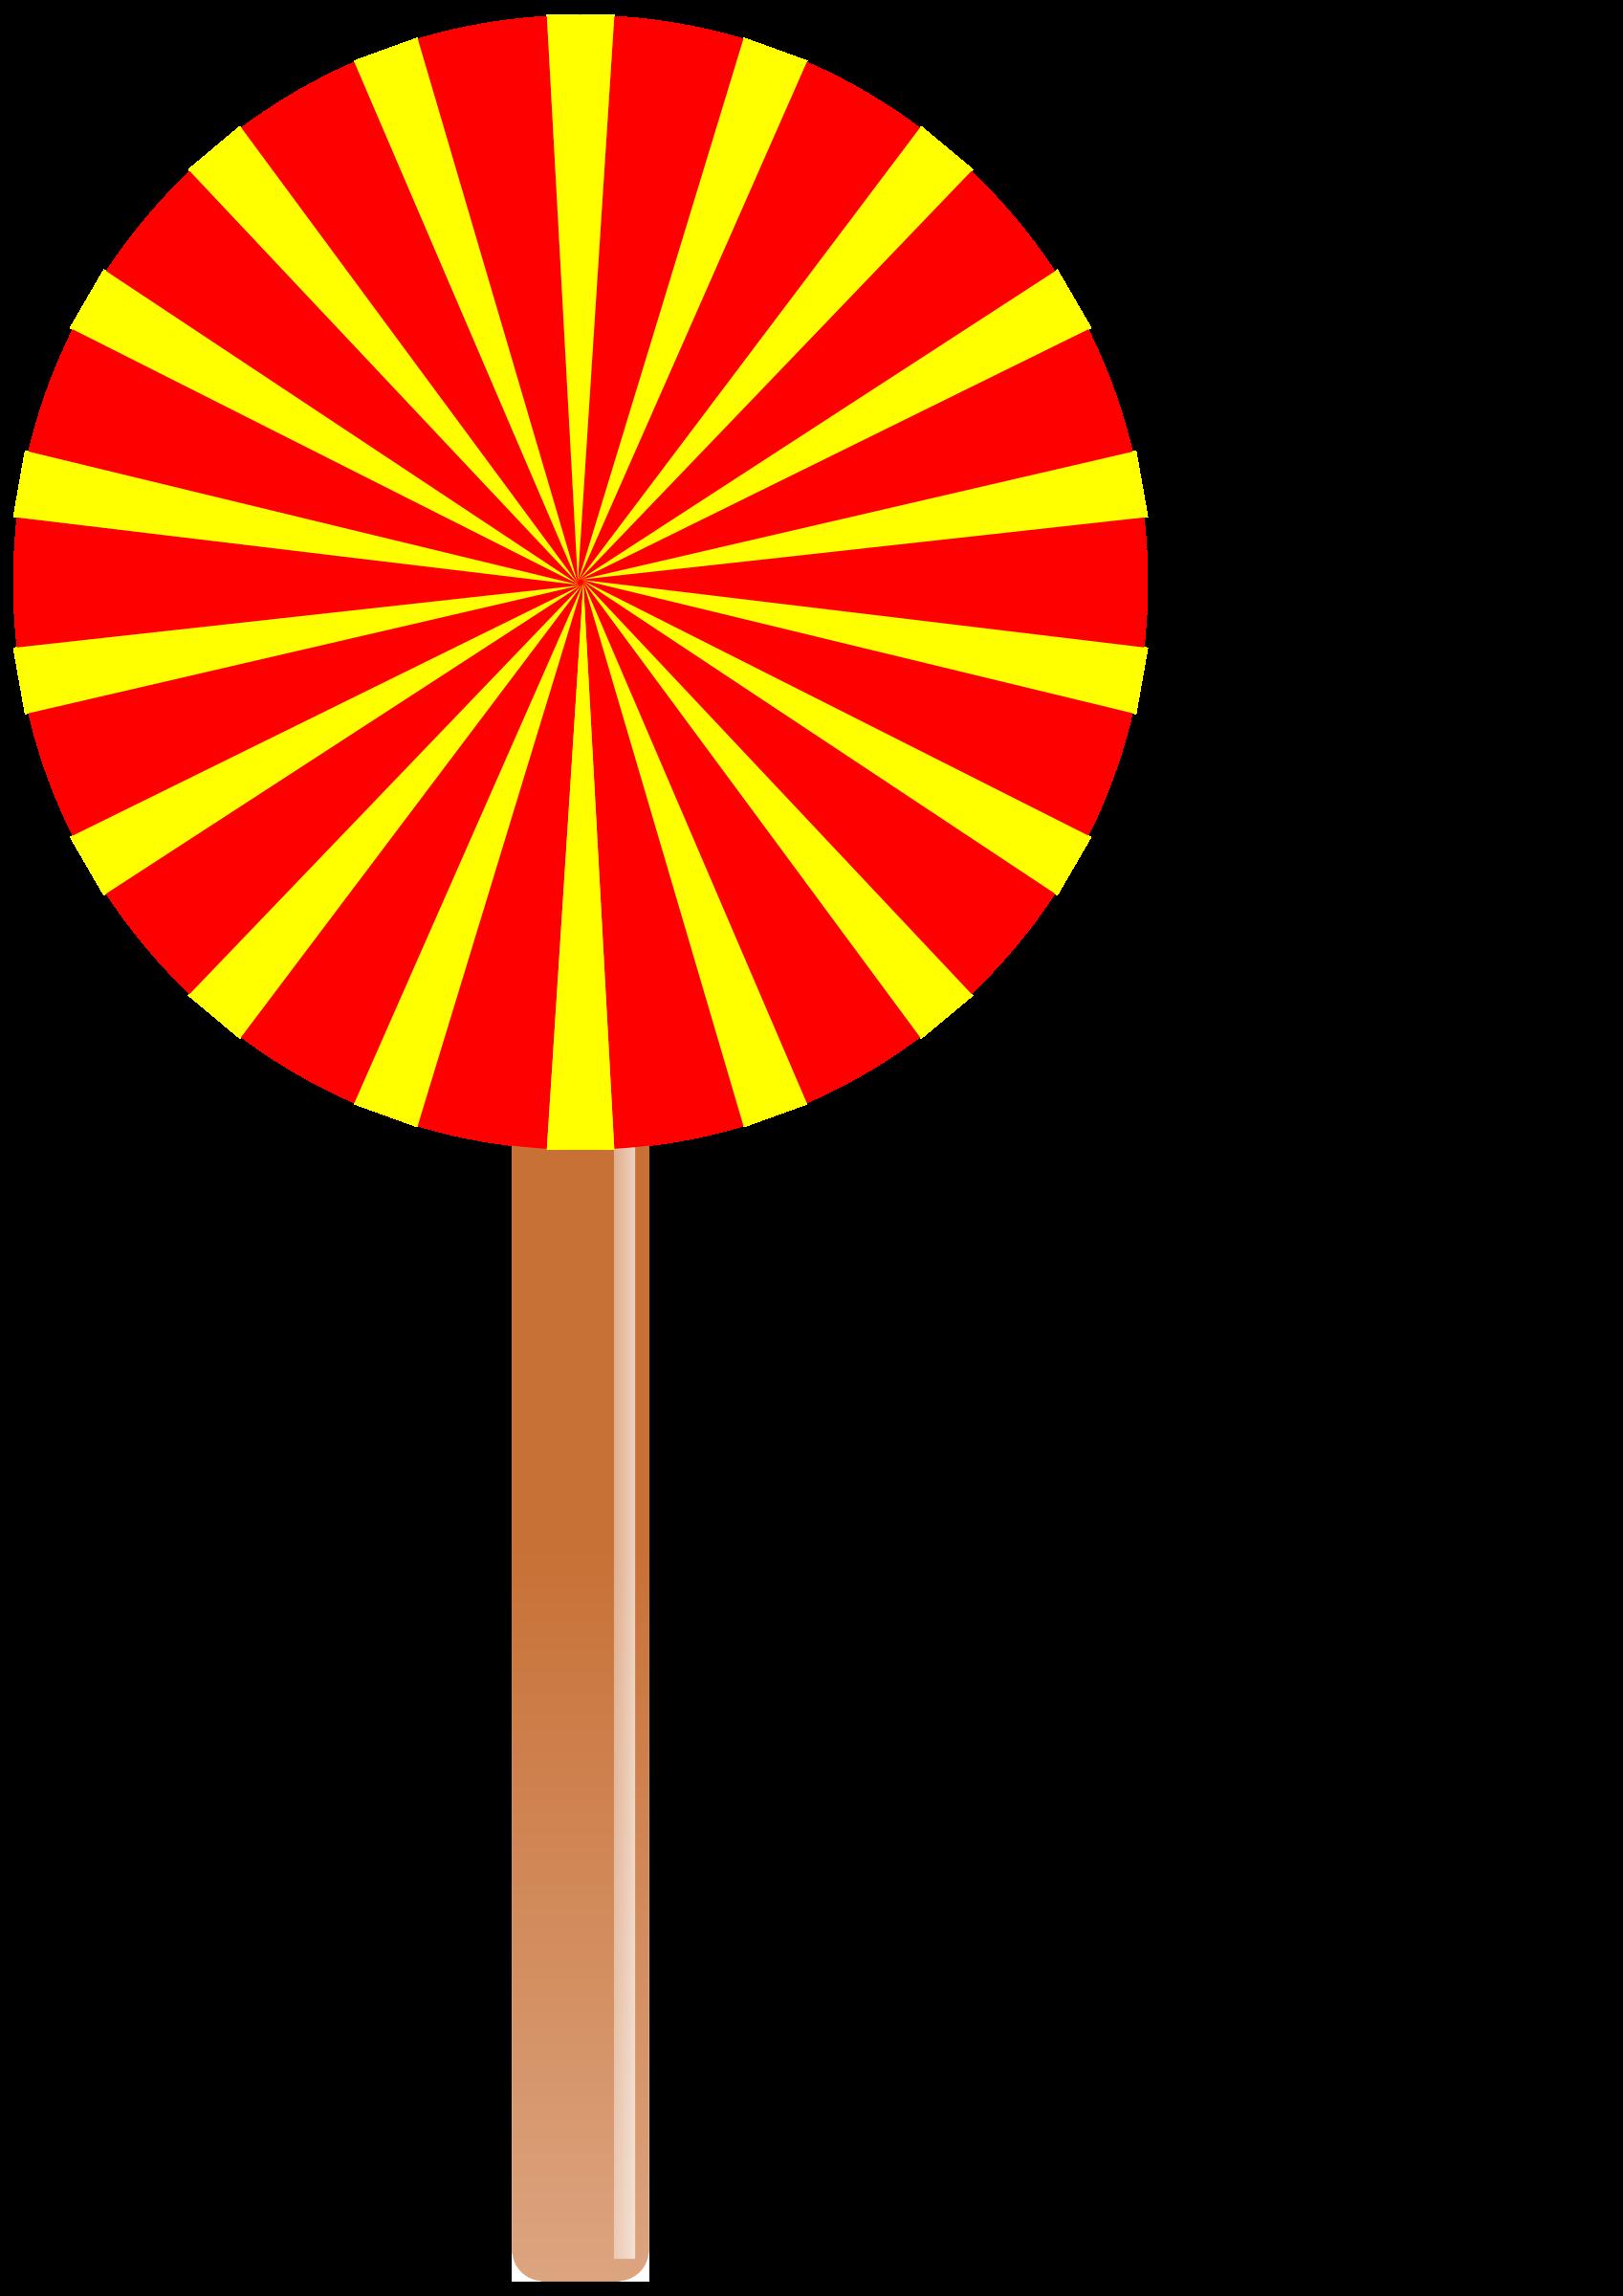 Clipartable com. Lollipop clipart clip art